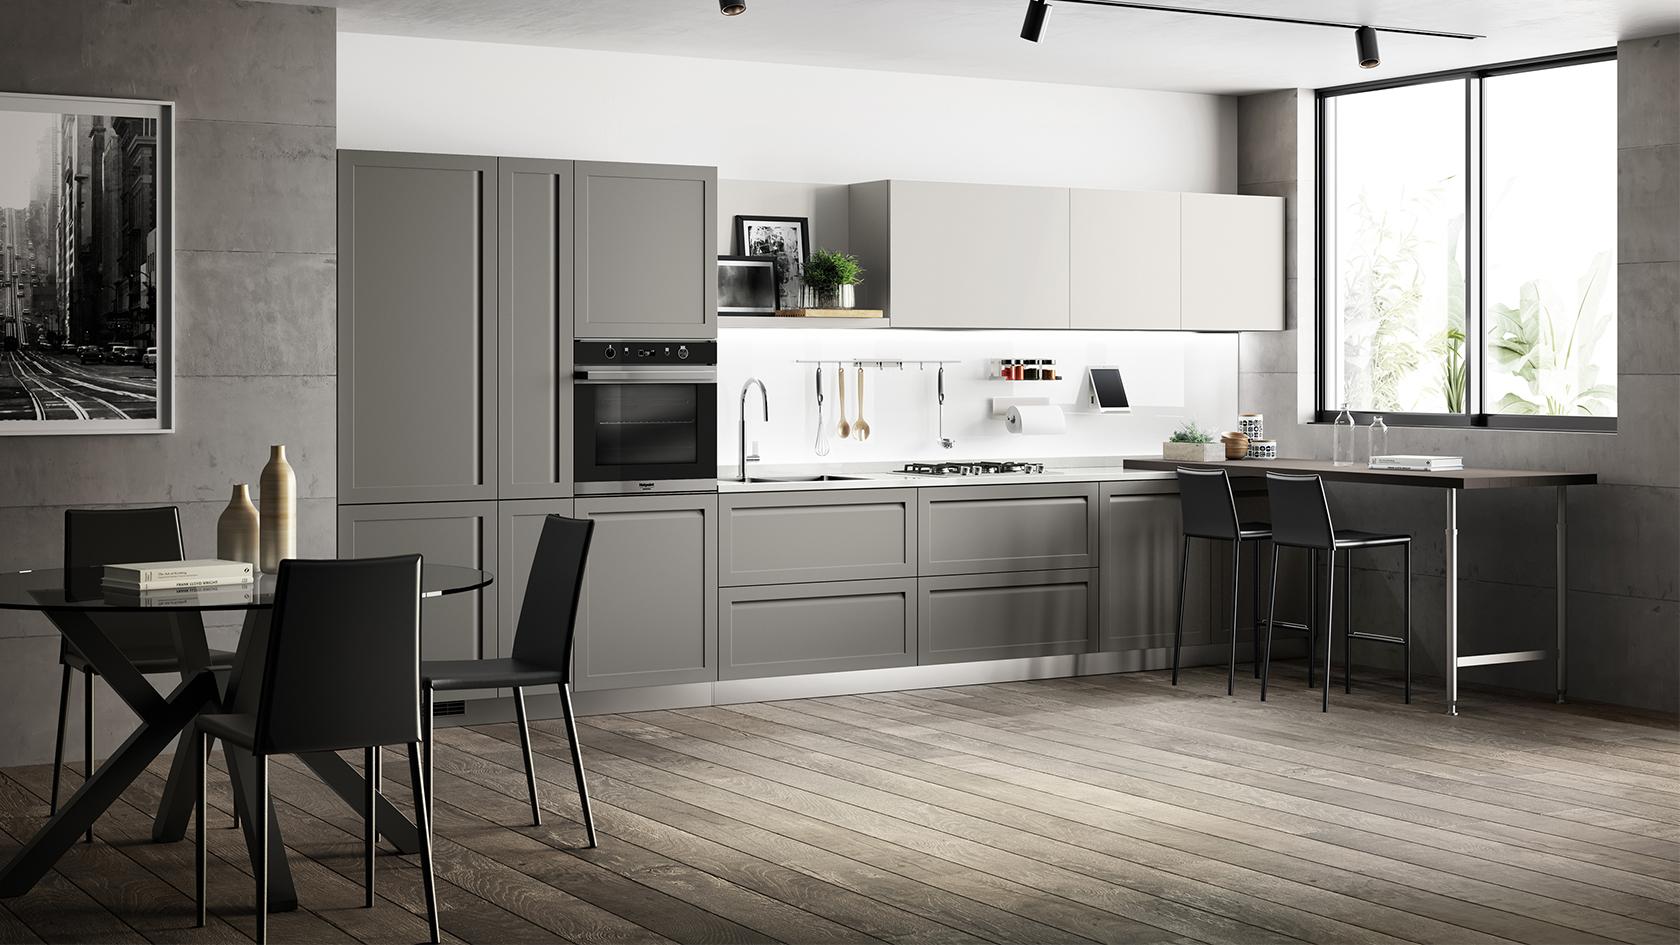 Cucine moderne Scavolini Torino - Arredamenti Quaglio